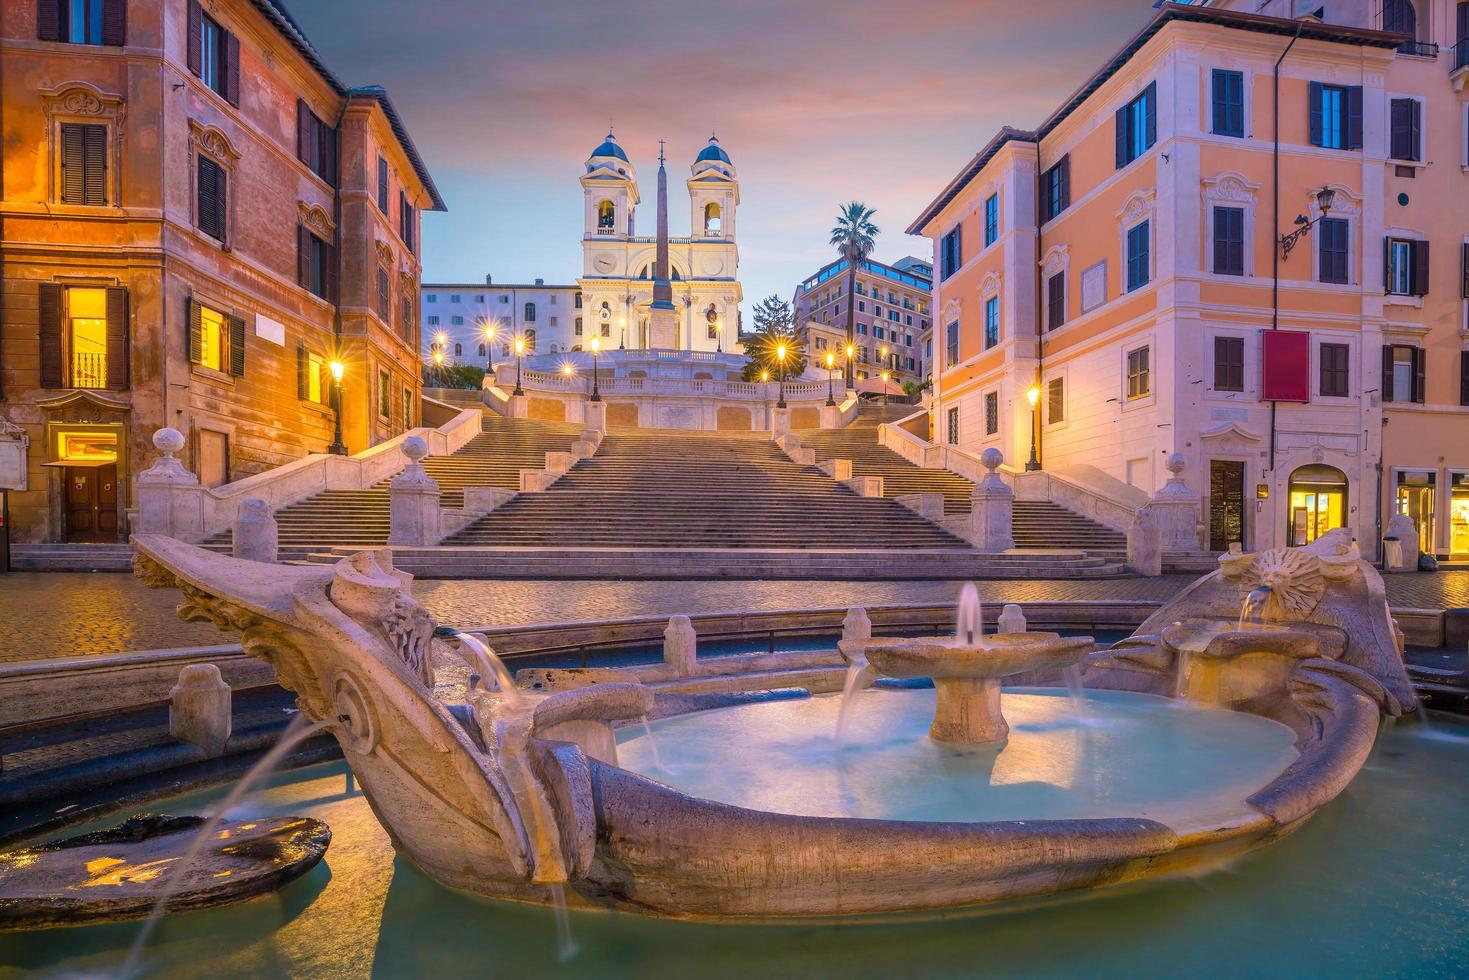 piazza de spagna a roma, italia foto